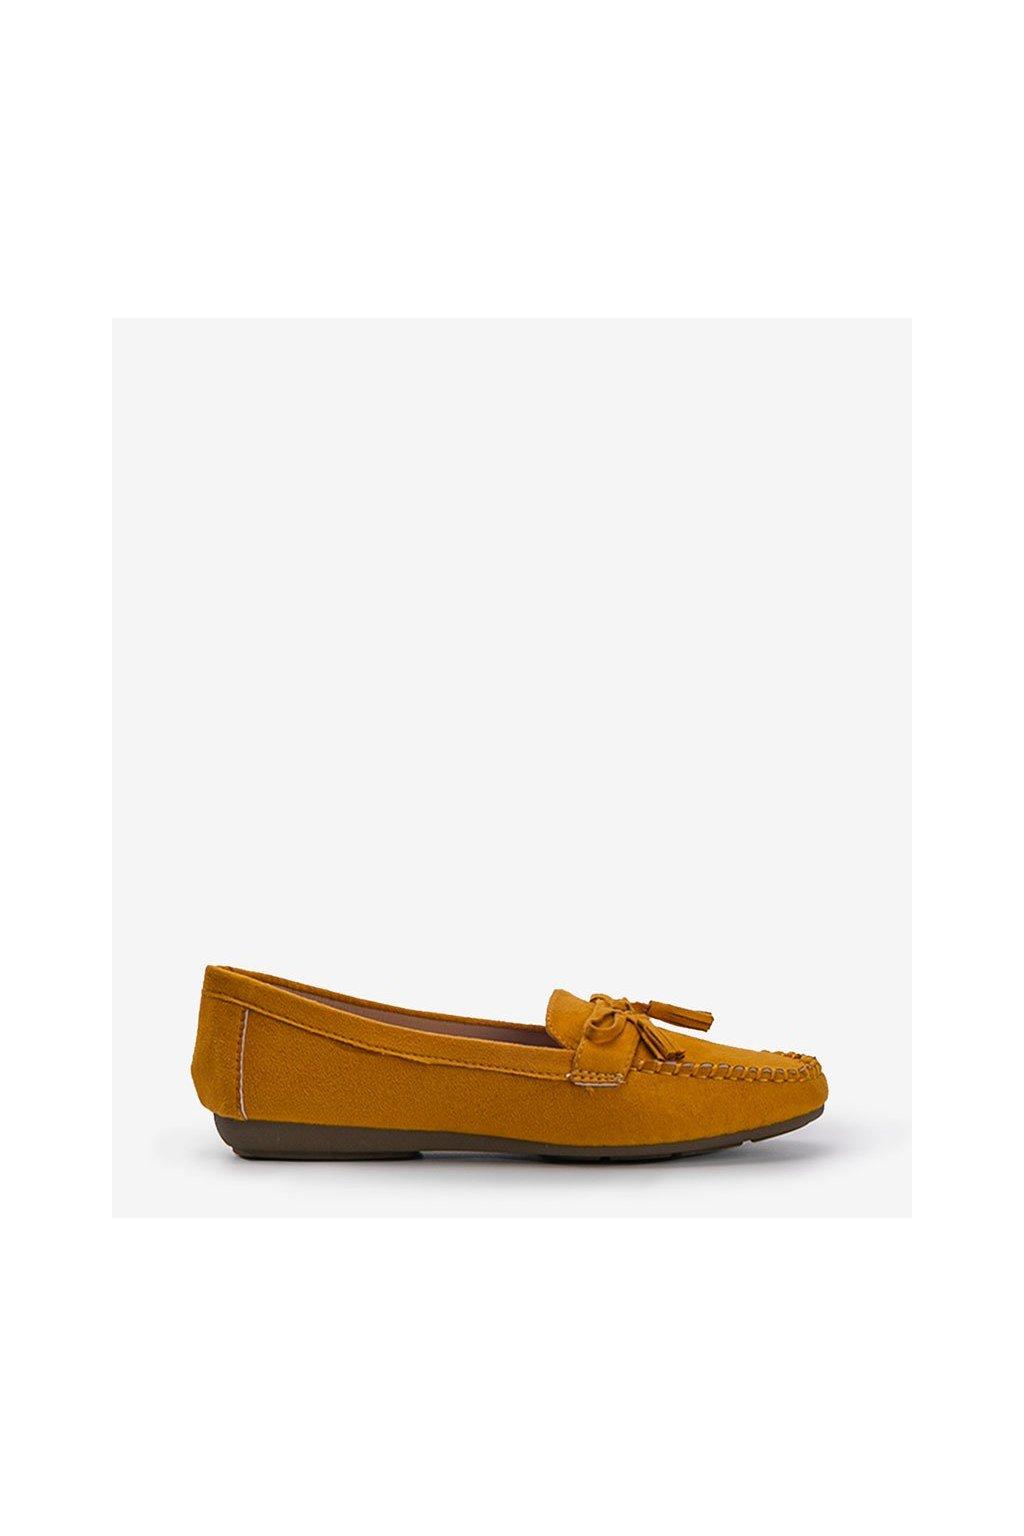 Dámske topánky mokasíny žlté kód XR-1R2-16 - GM